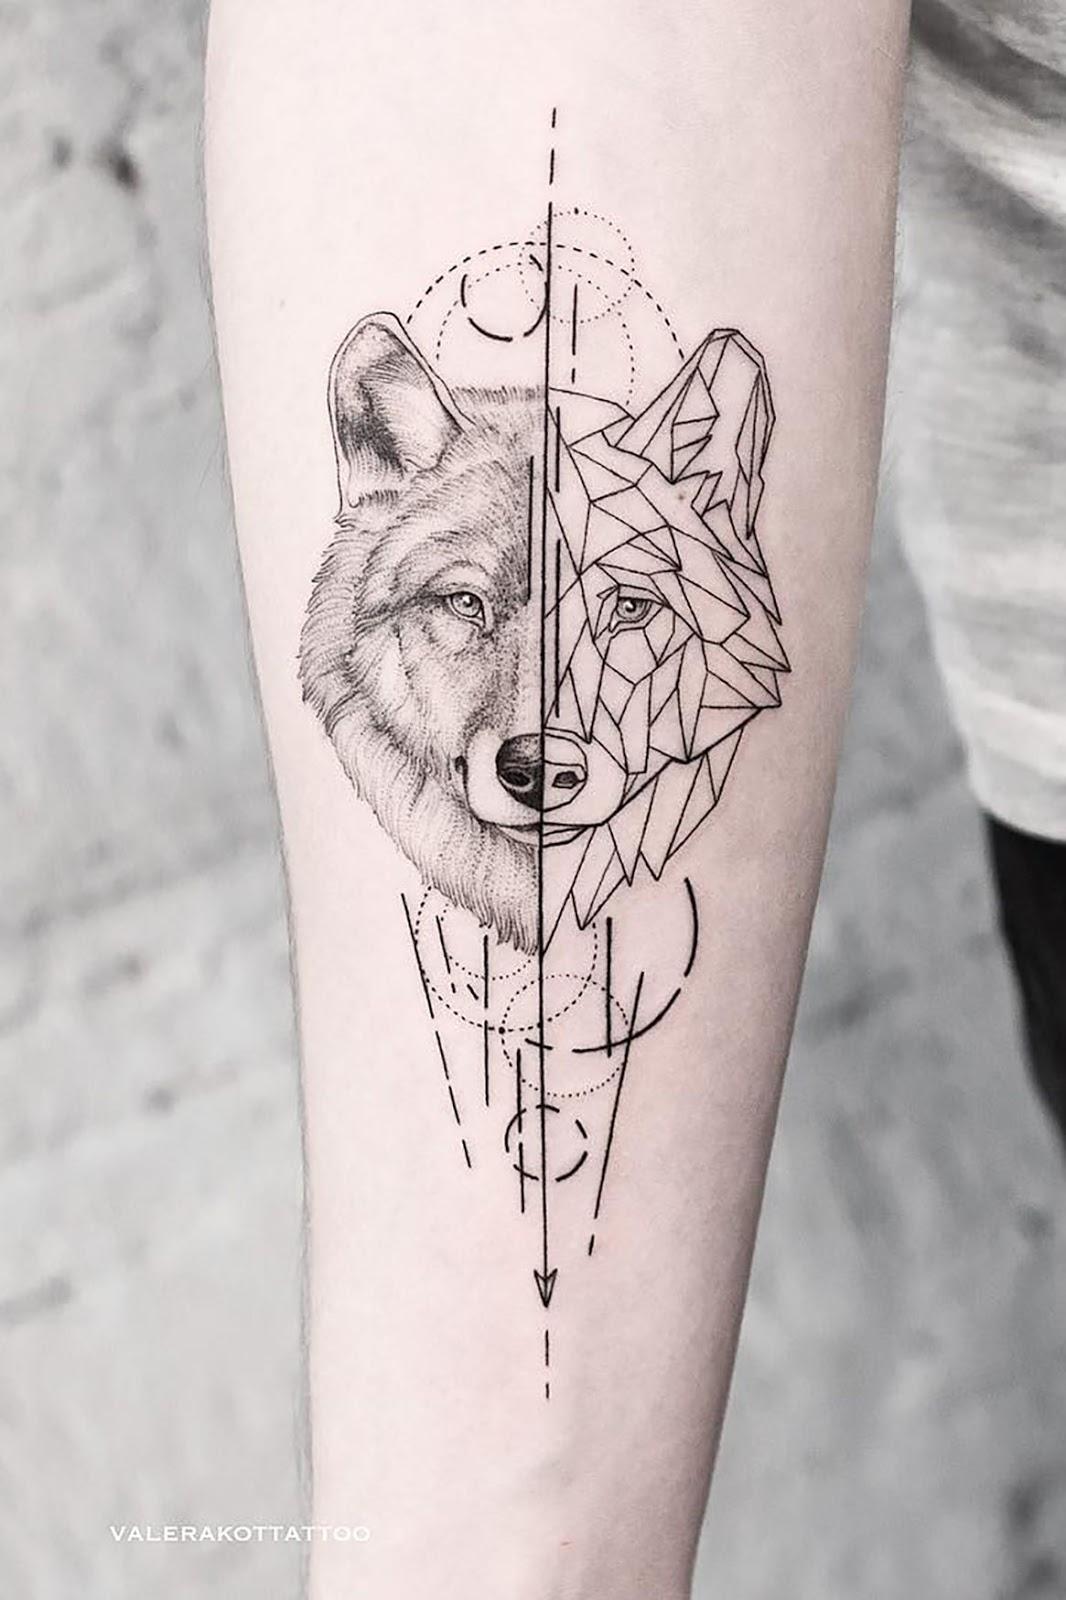 Minimalist Geometric Tattoos (20)